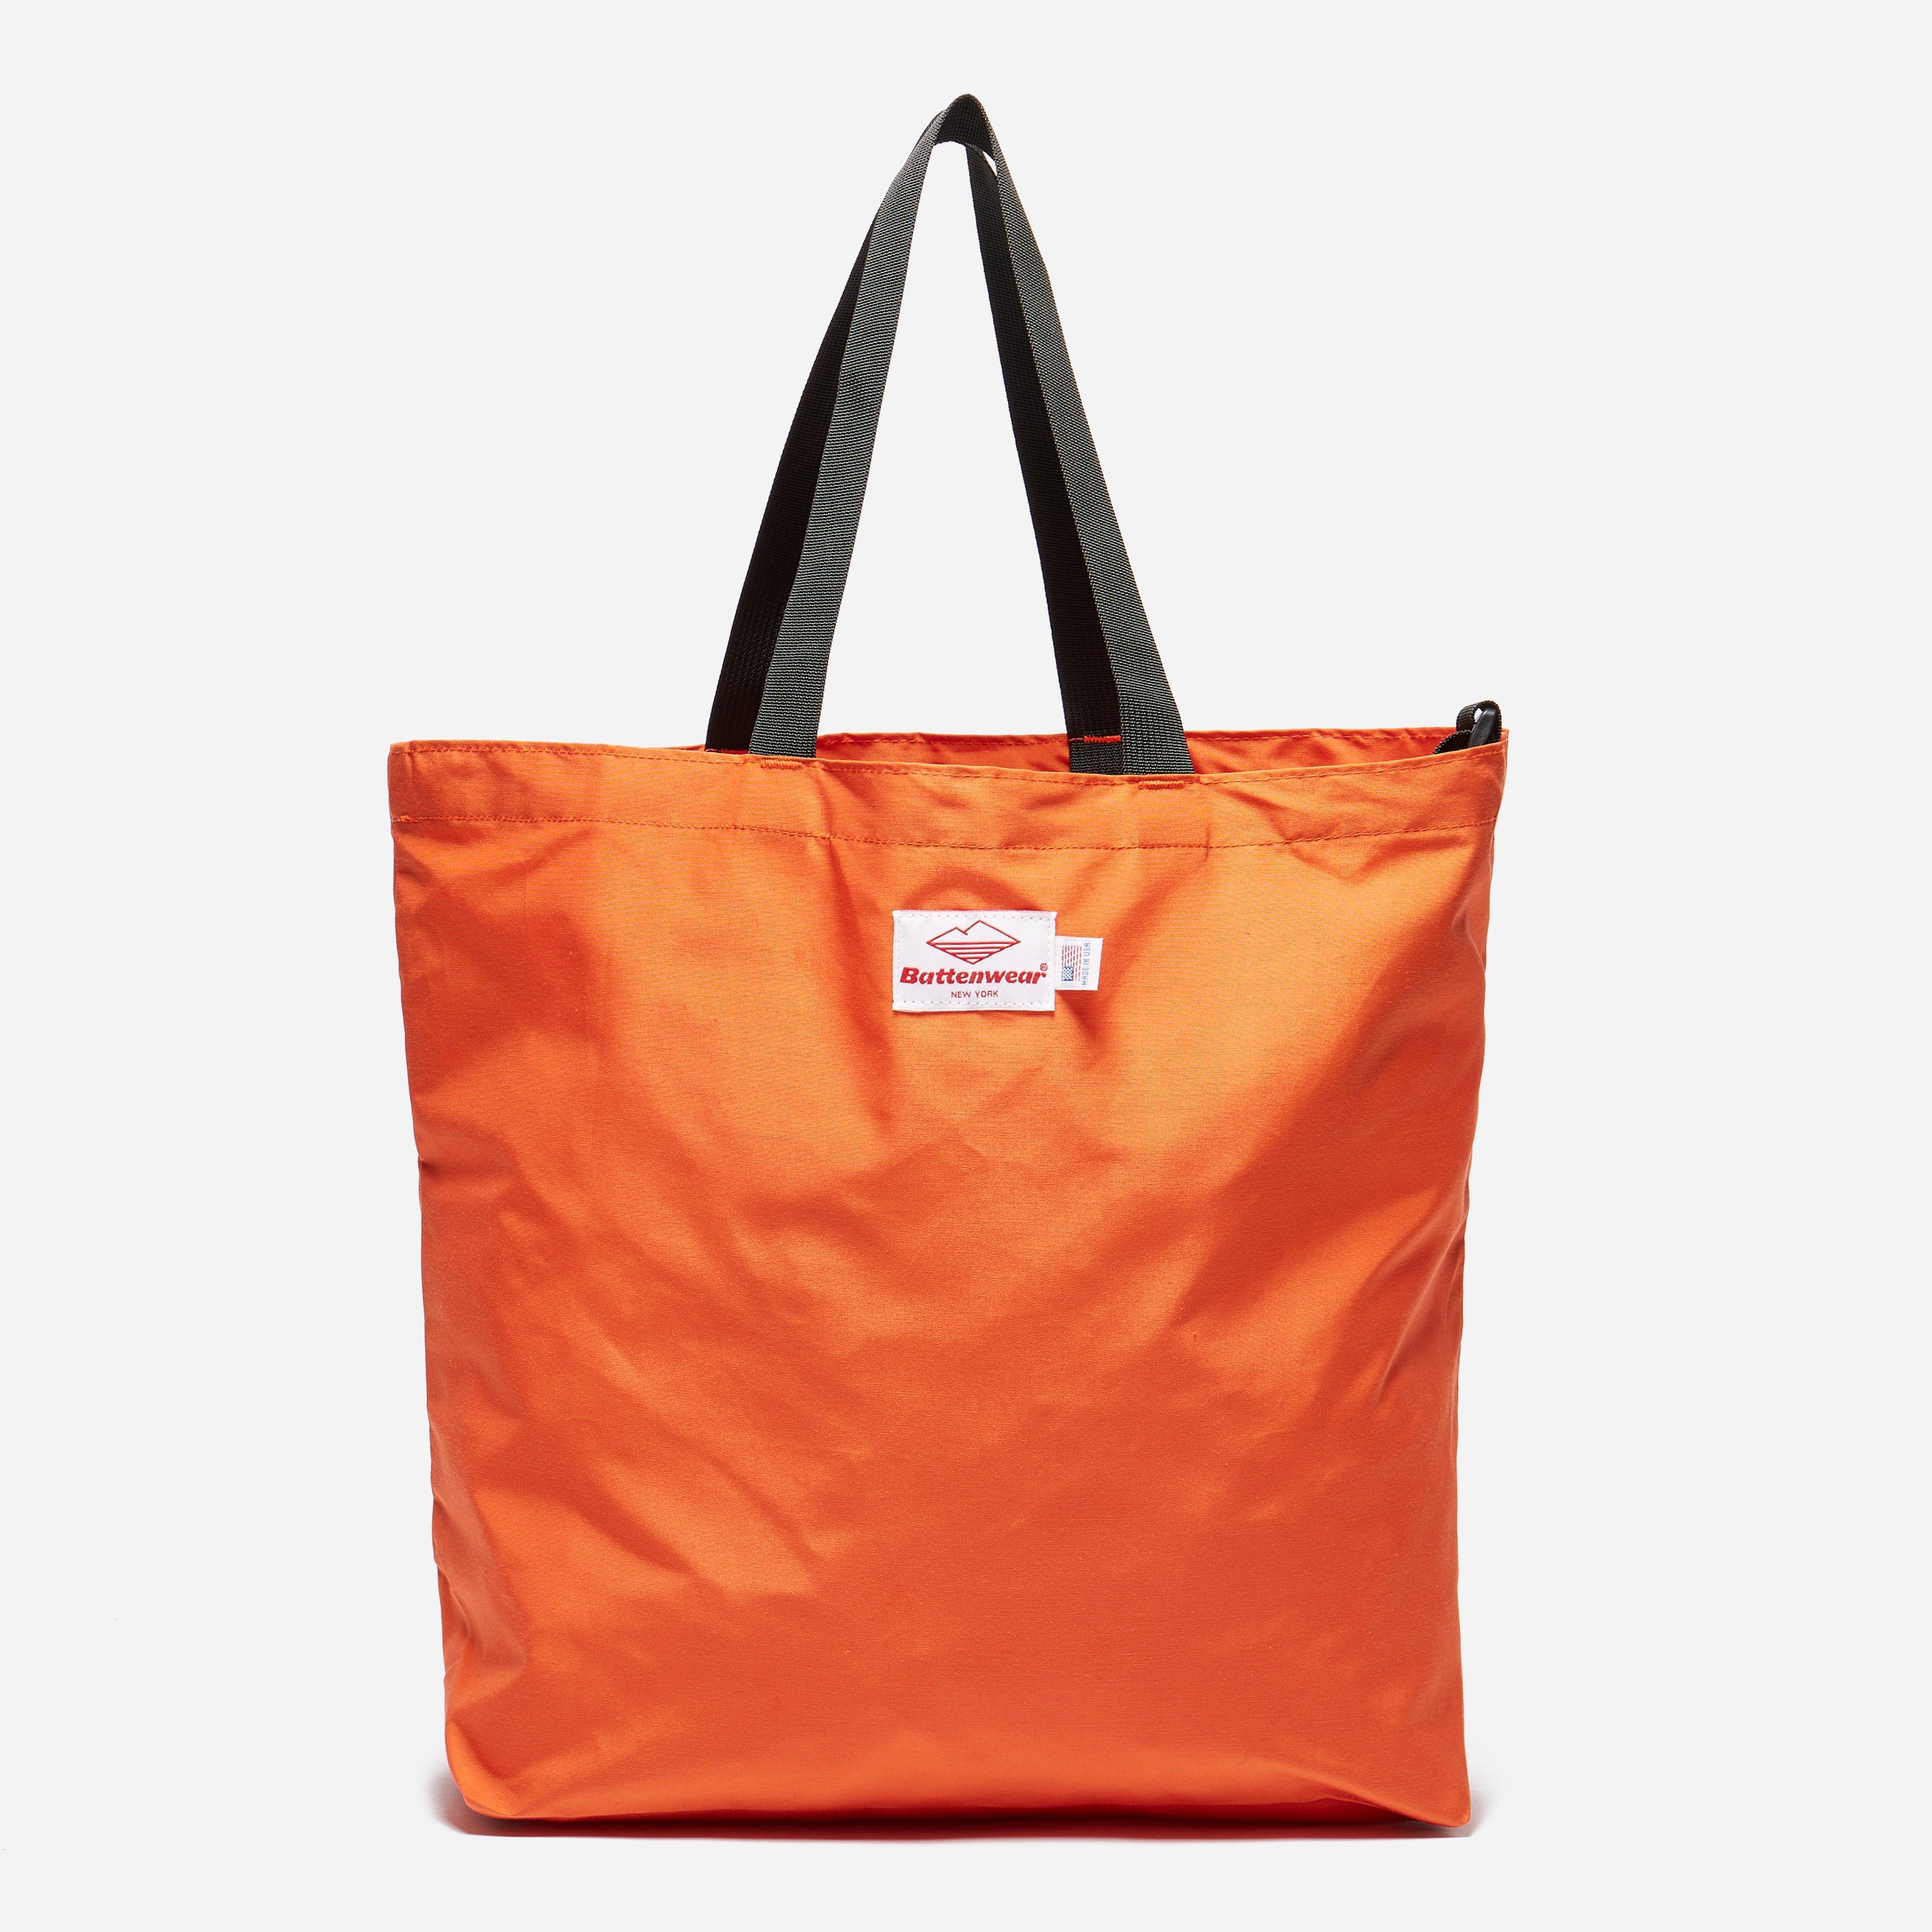 56b463a87 Battenwear Packable Tote in Orange for Men - Lyst